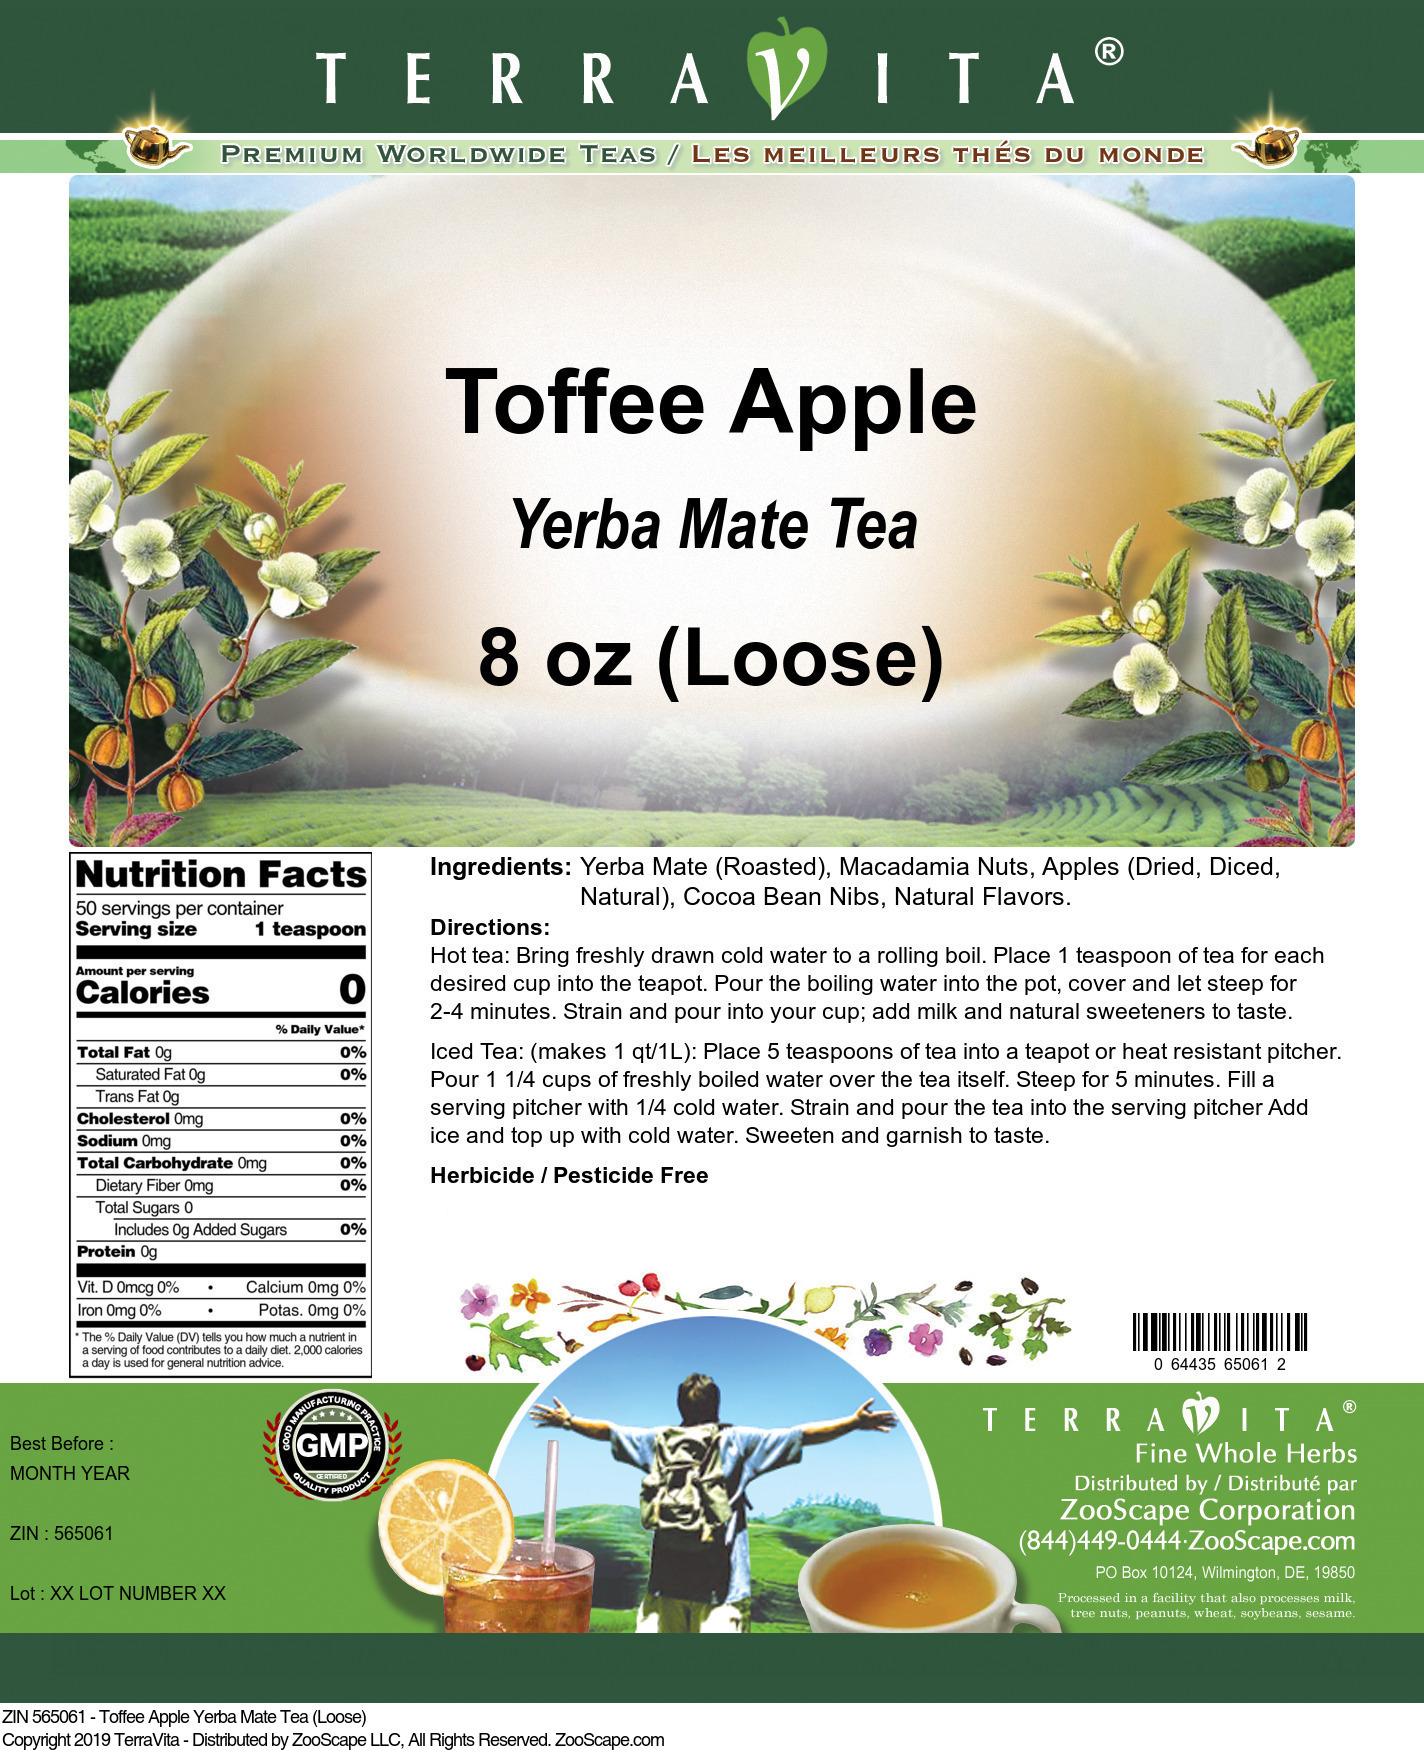 Toffee Apple Yerba Mate Tea (Loose)